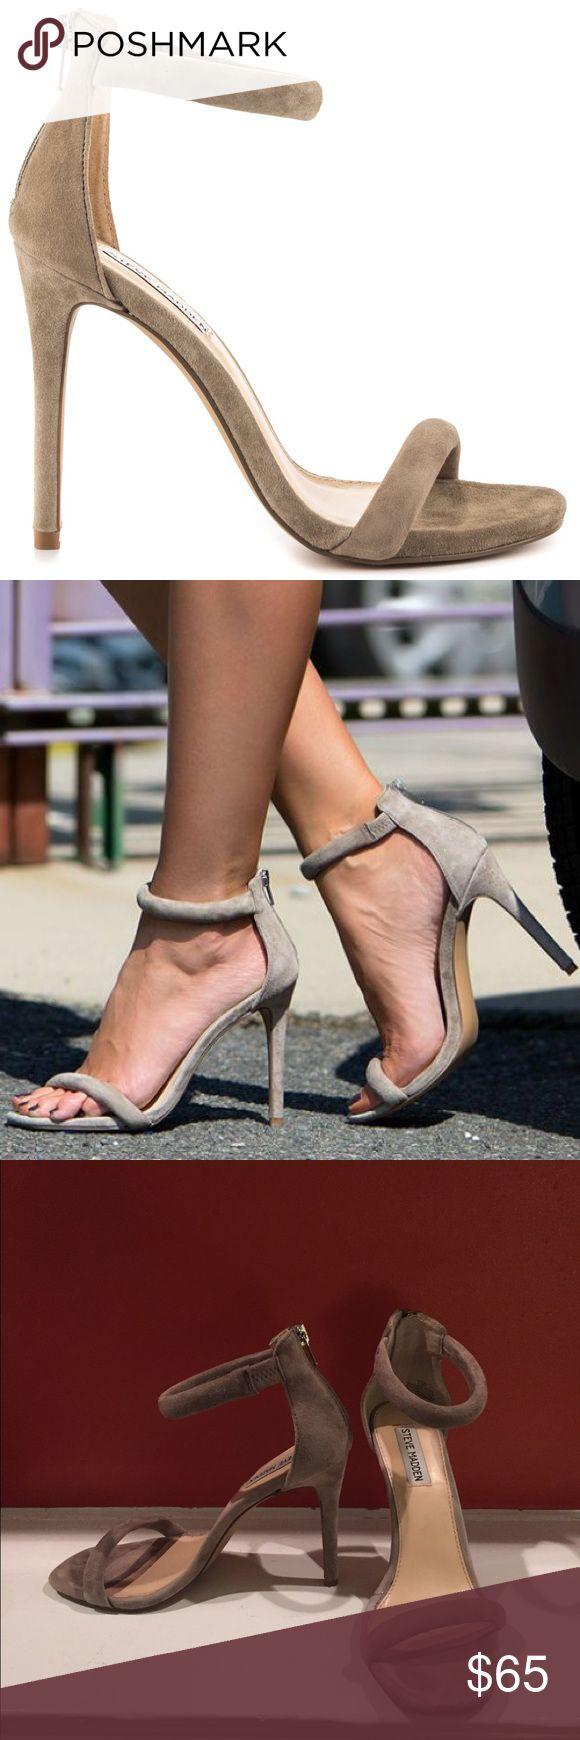 Steve Madden Fancci Suede Sandal Heels Taupe 8.5